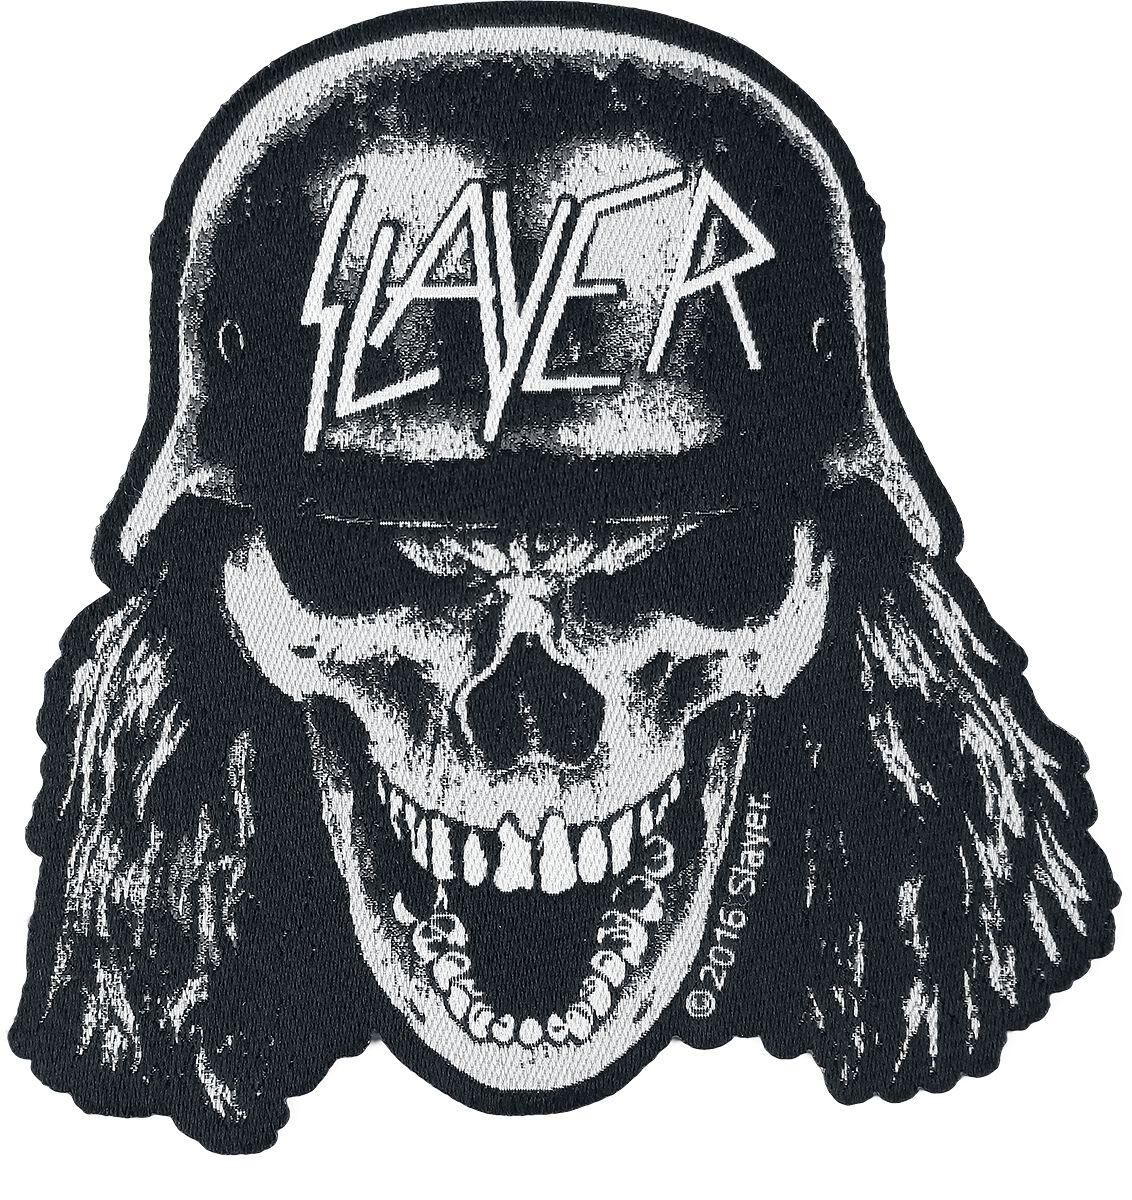 Slayer Wehrmacht Skull Patch schwarz weiß SP2881